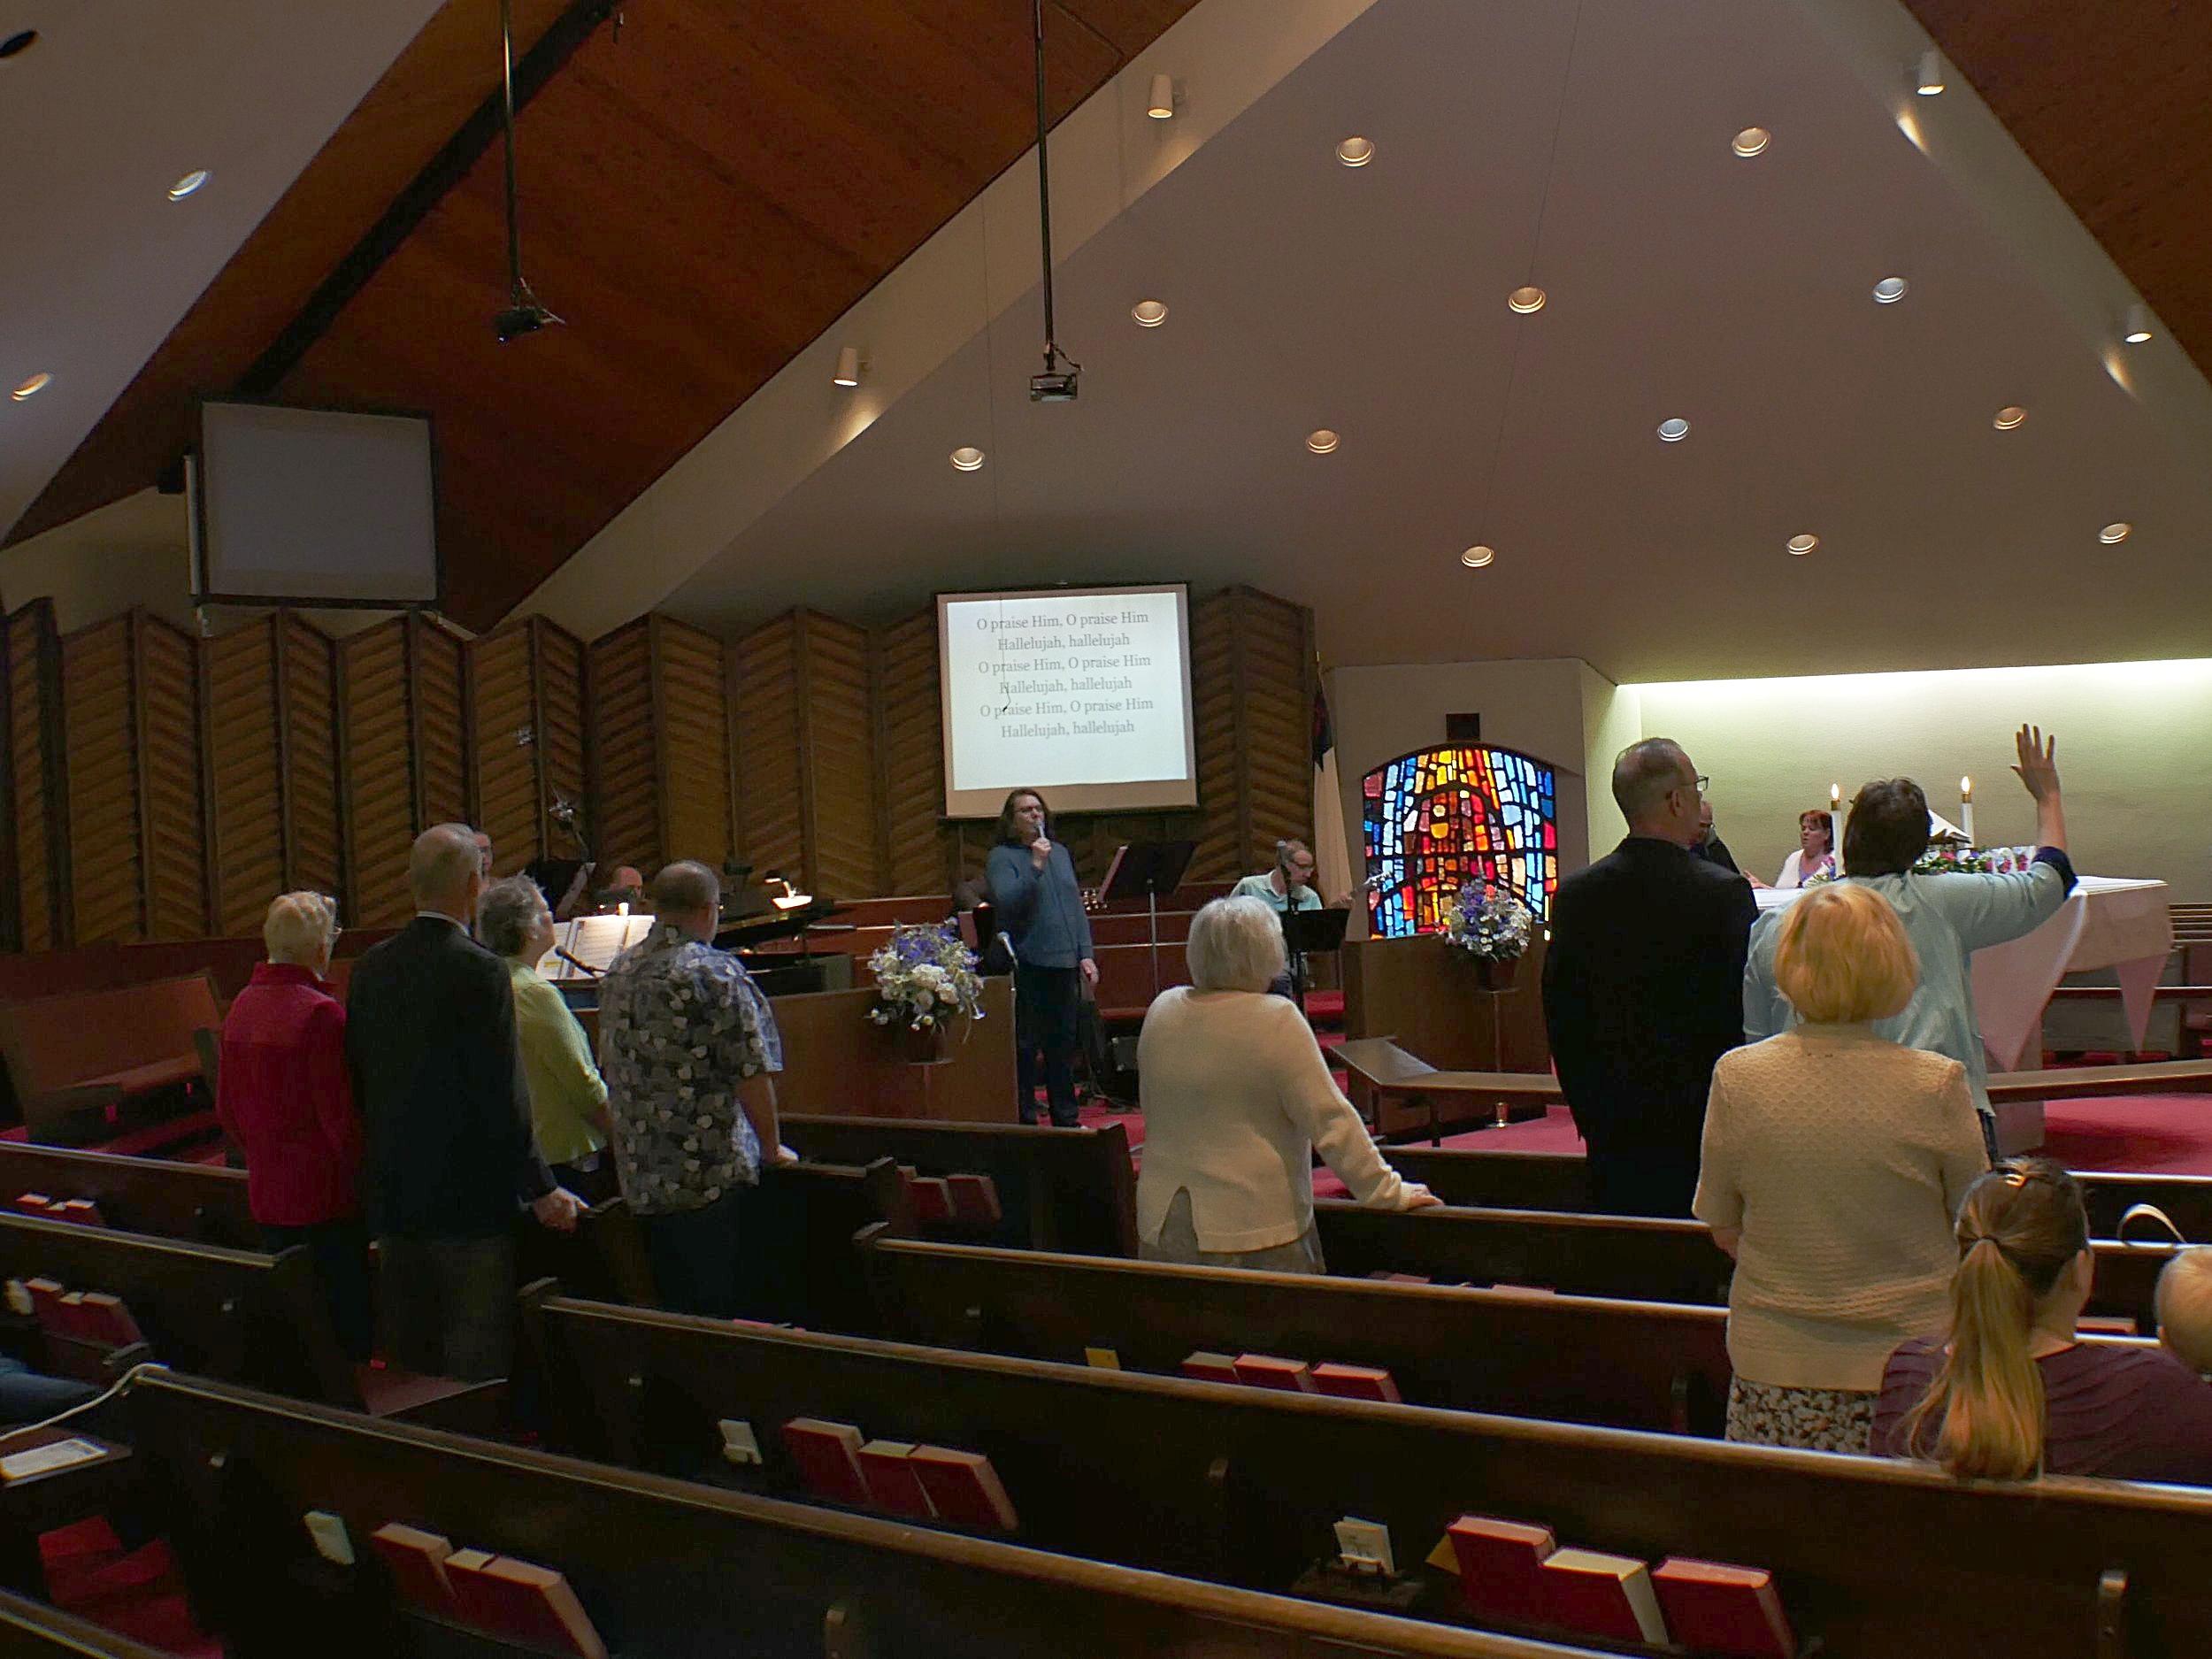 Morning Worship